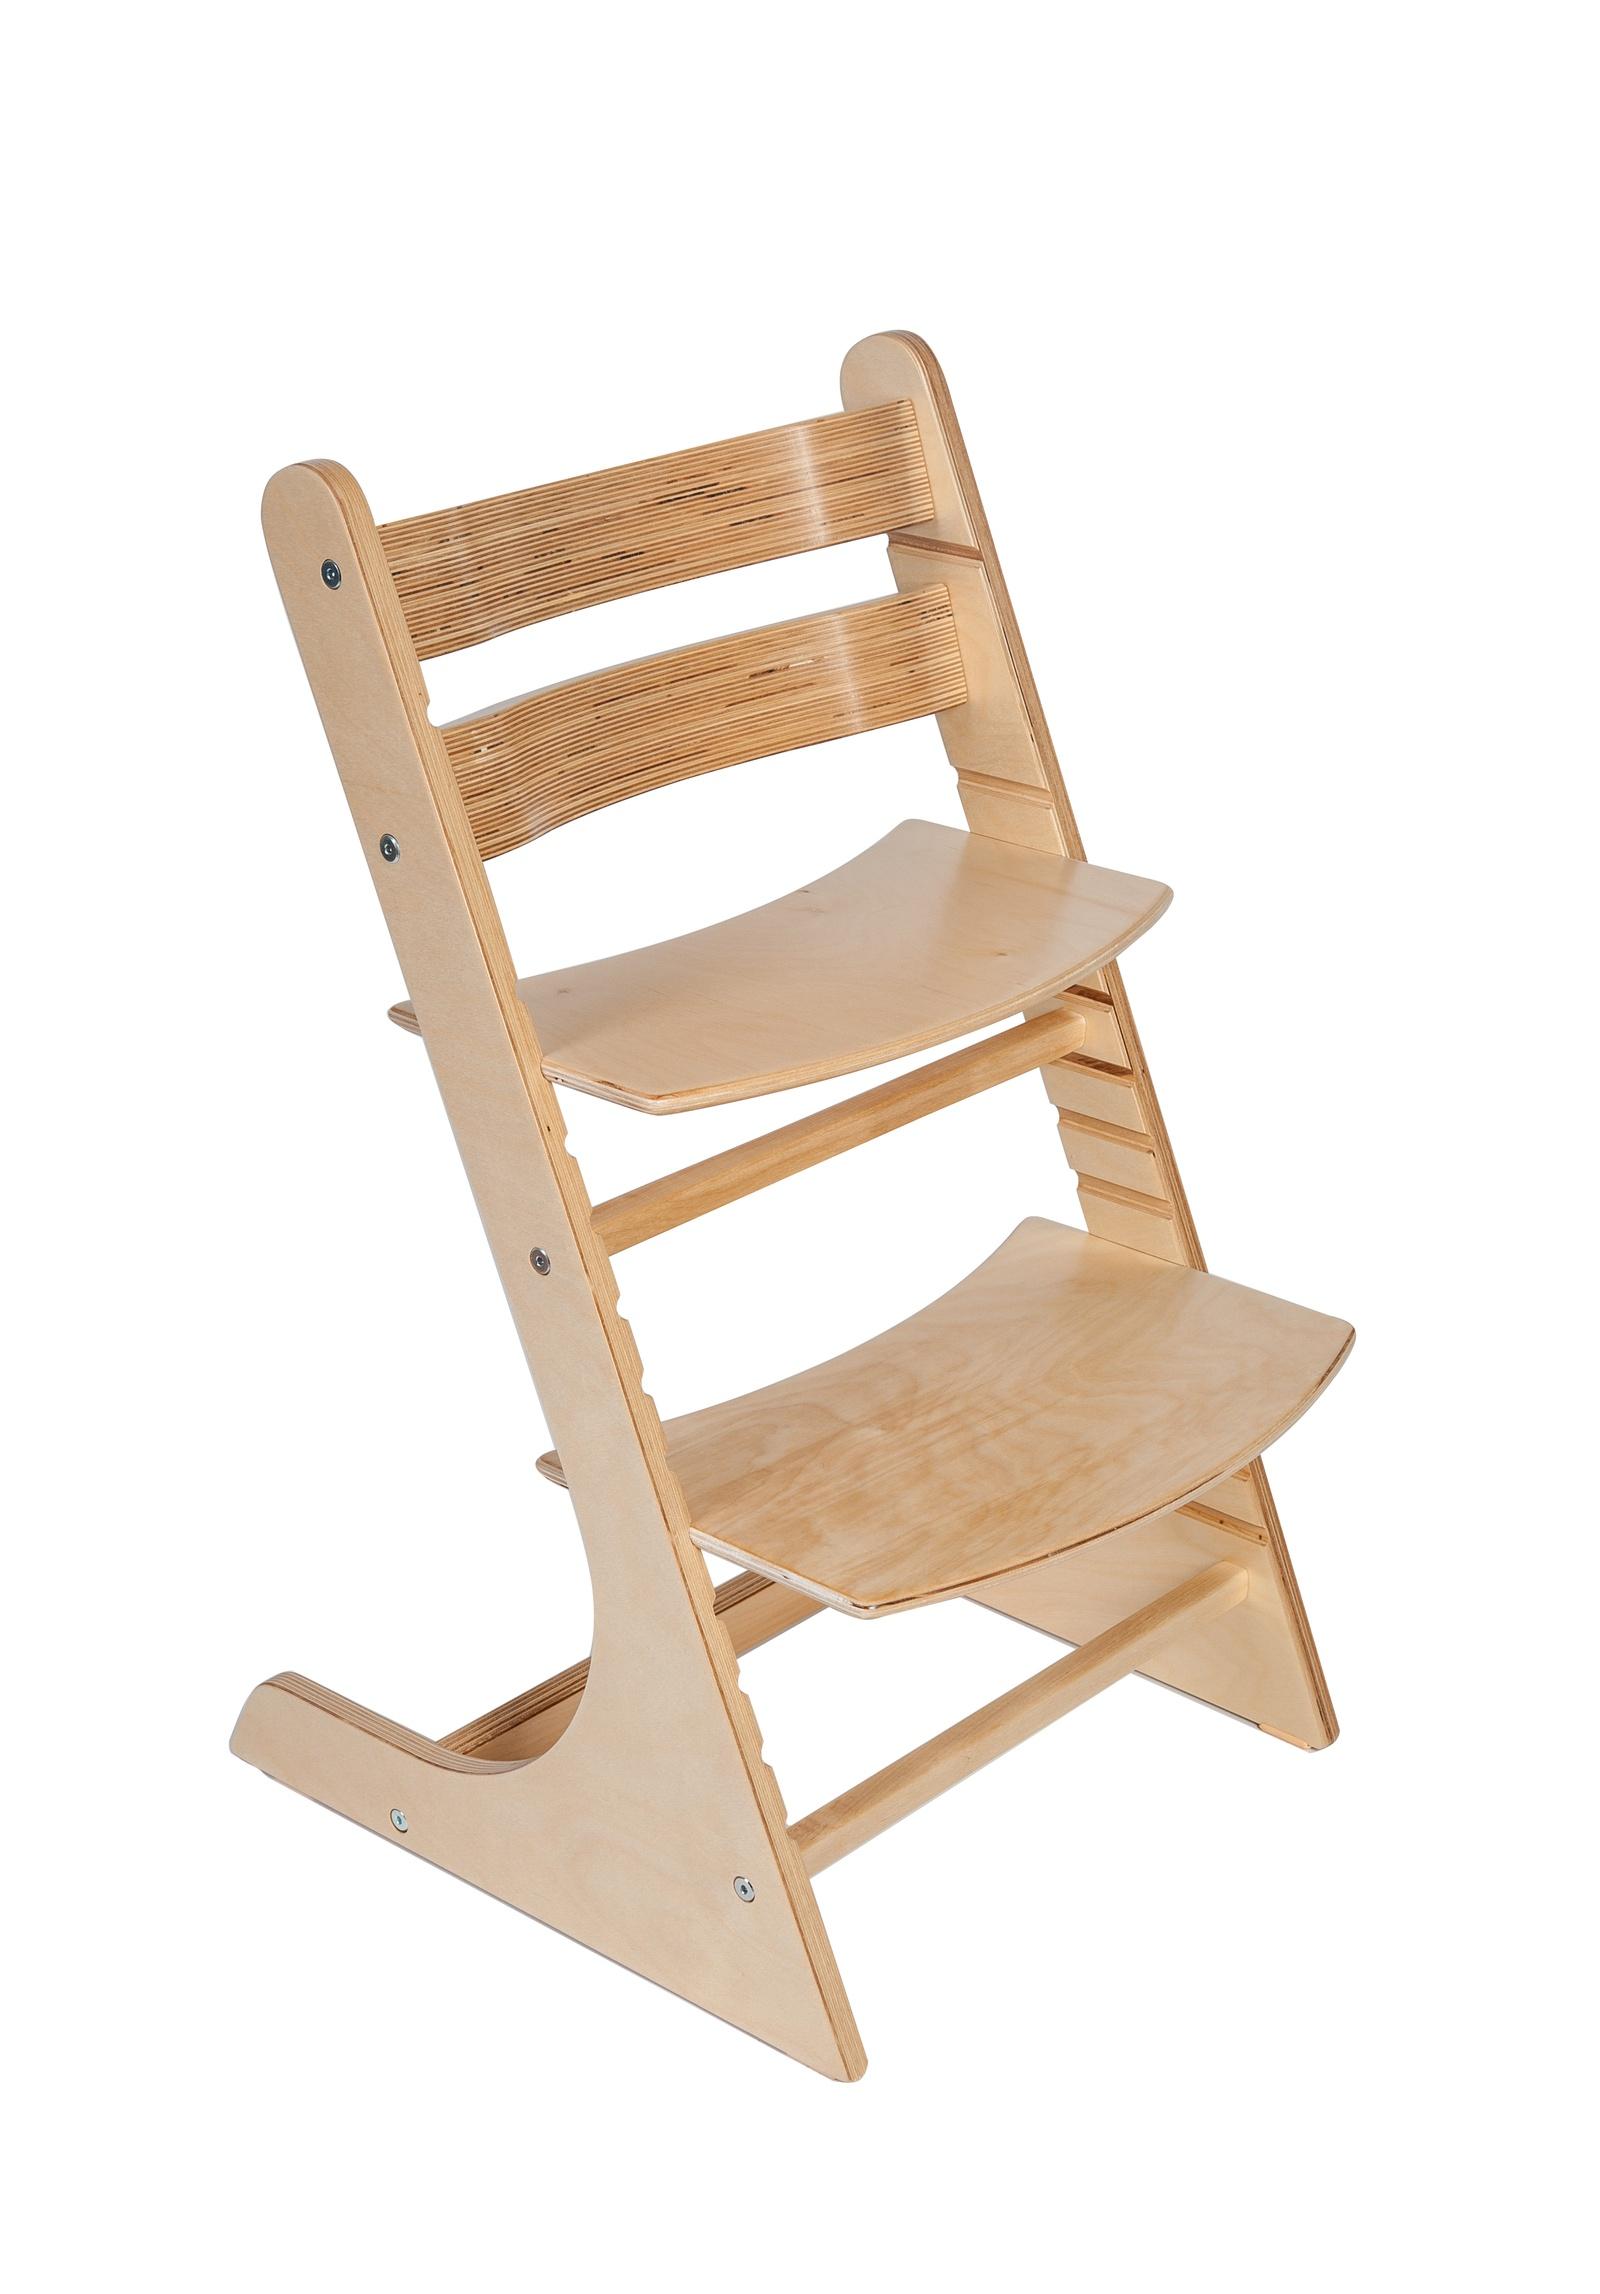 Стульчик для кормления Стульчик RostOk детский универсальный регулируемый стульчик для кормления геоби